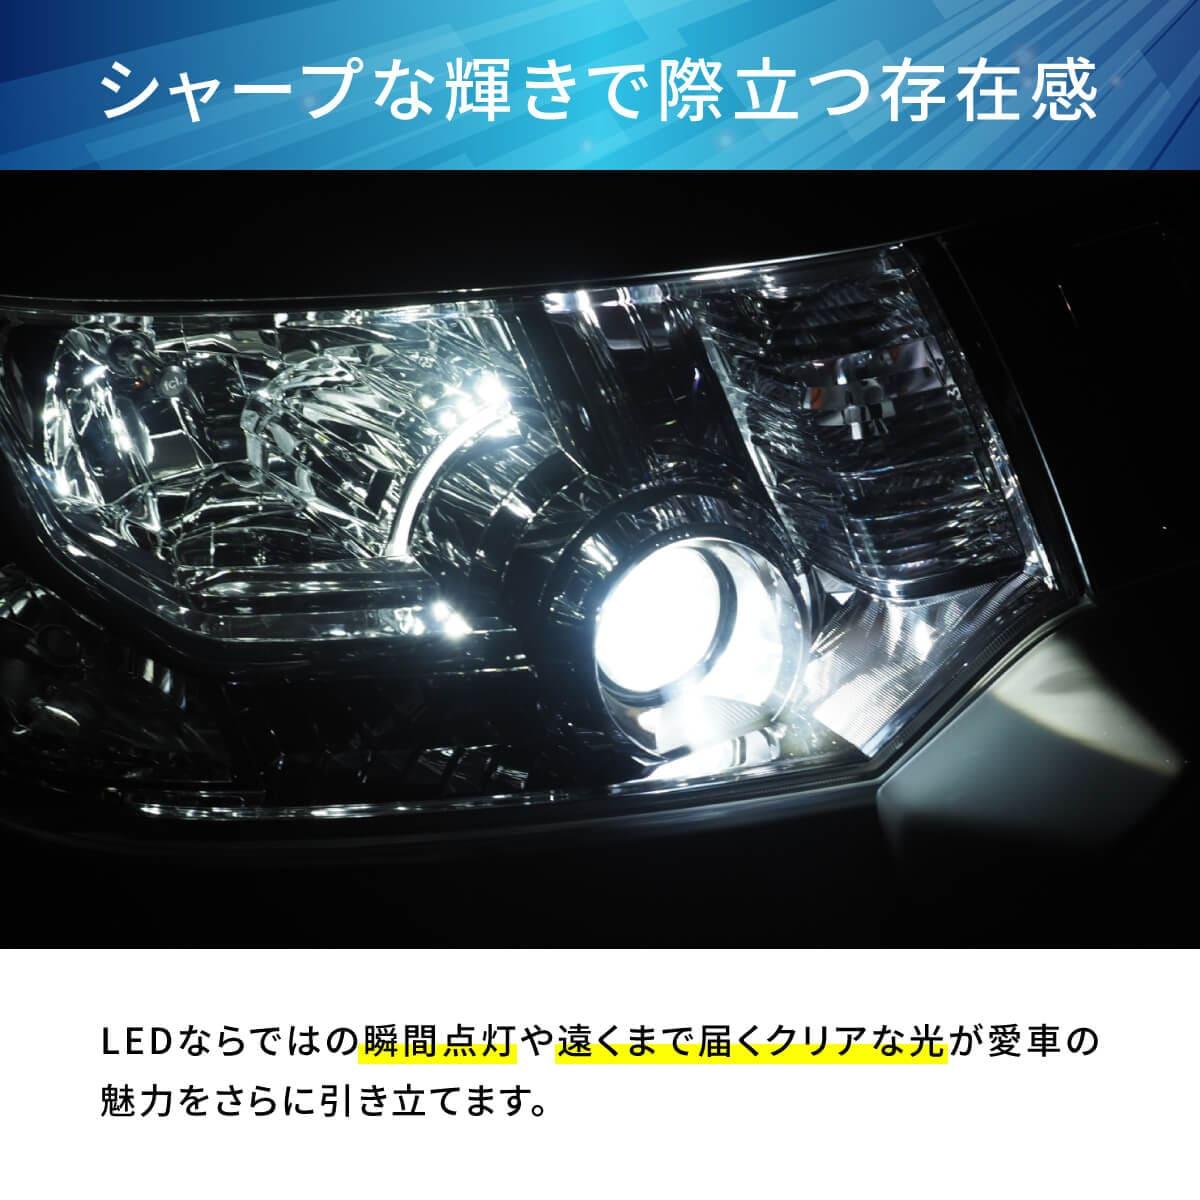 LEDならではのシャープな光